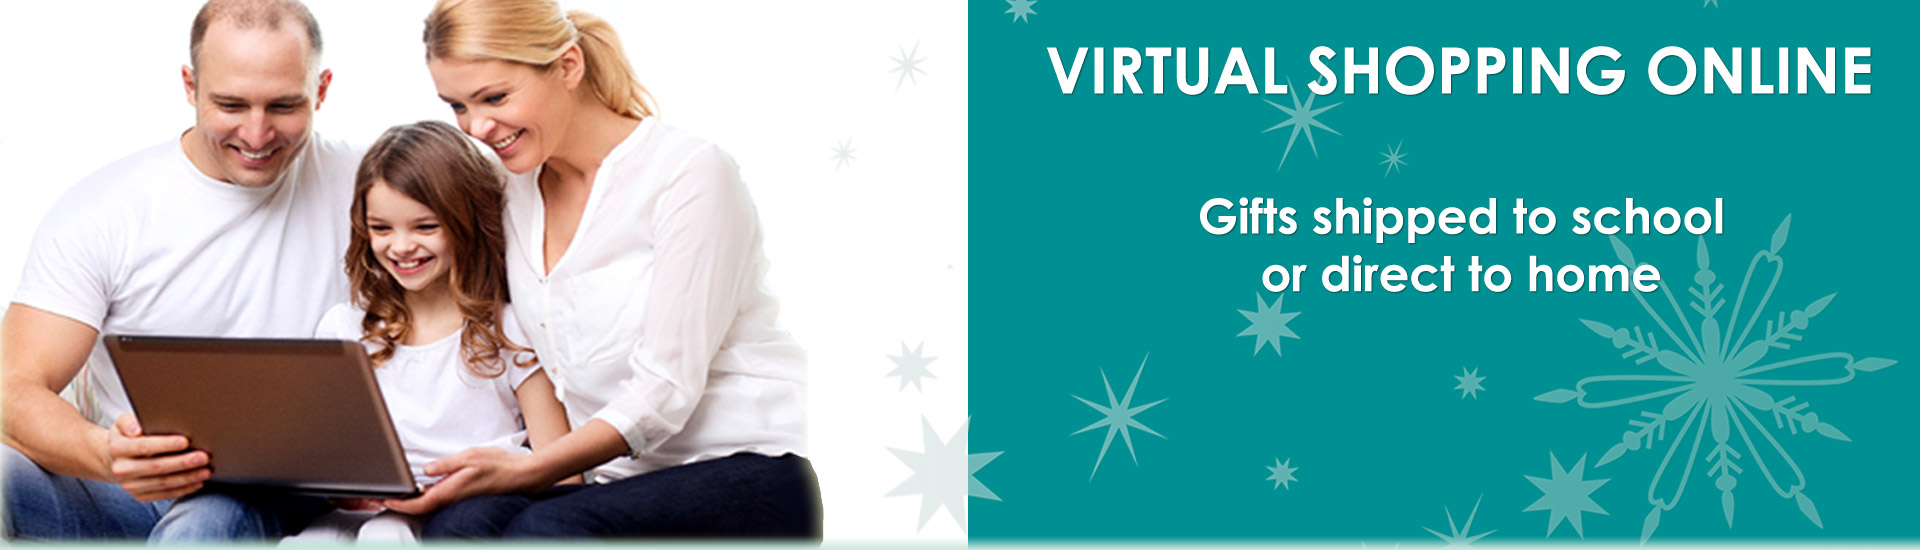 Virtual Online Holiday Gift Santa Shop